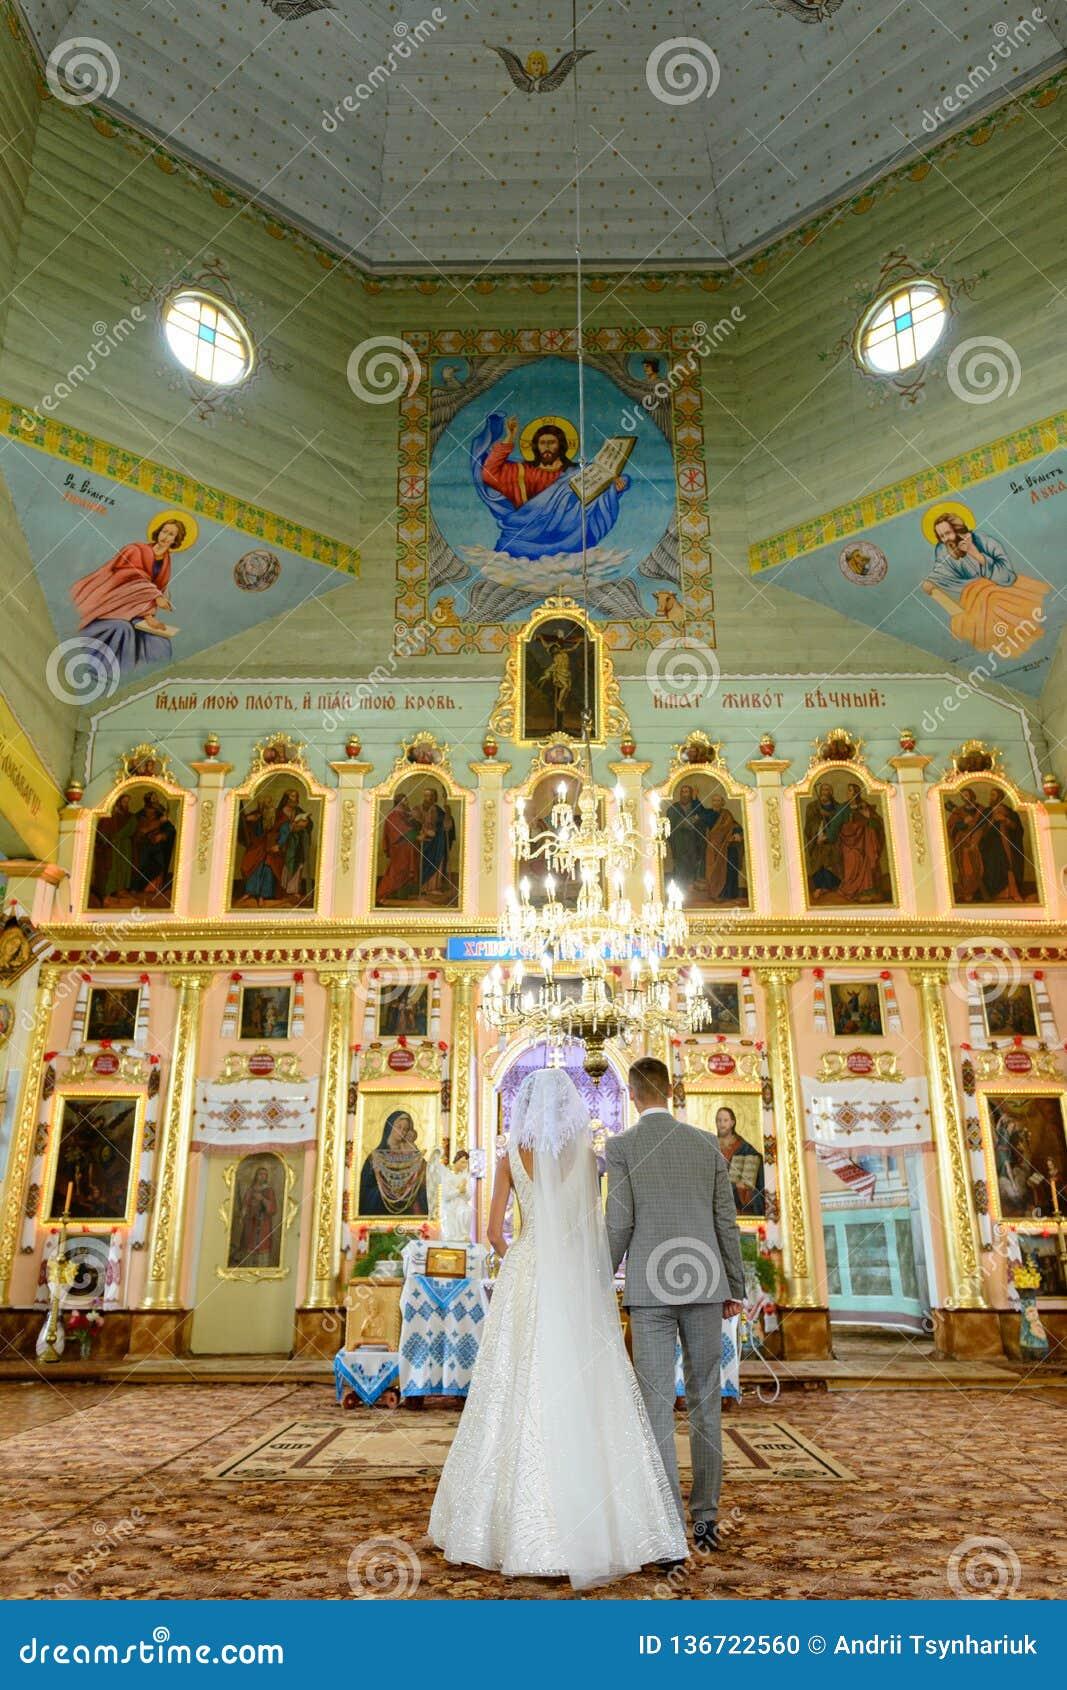 Sposa e sposo alla chiesa durante la cerimonia di nozze